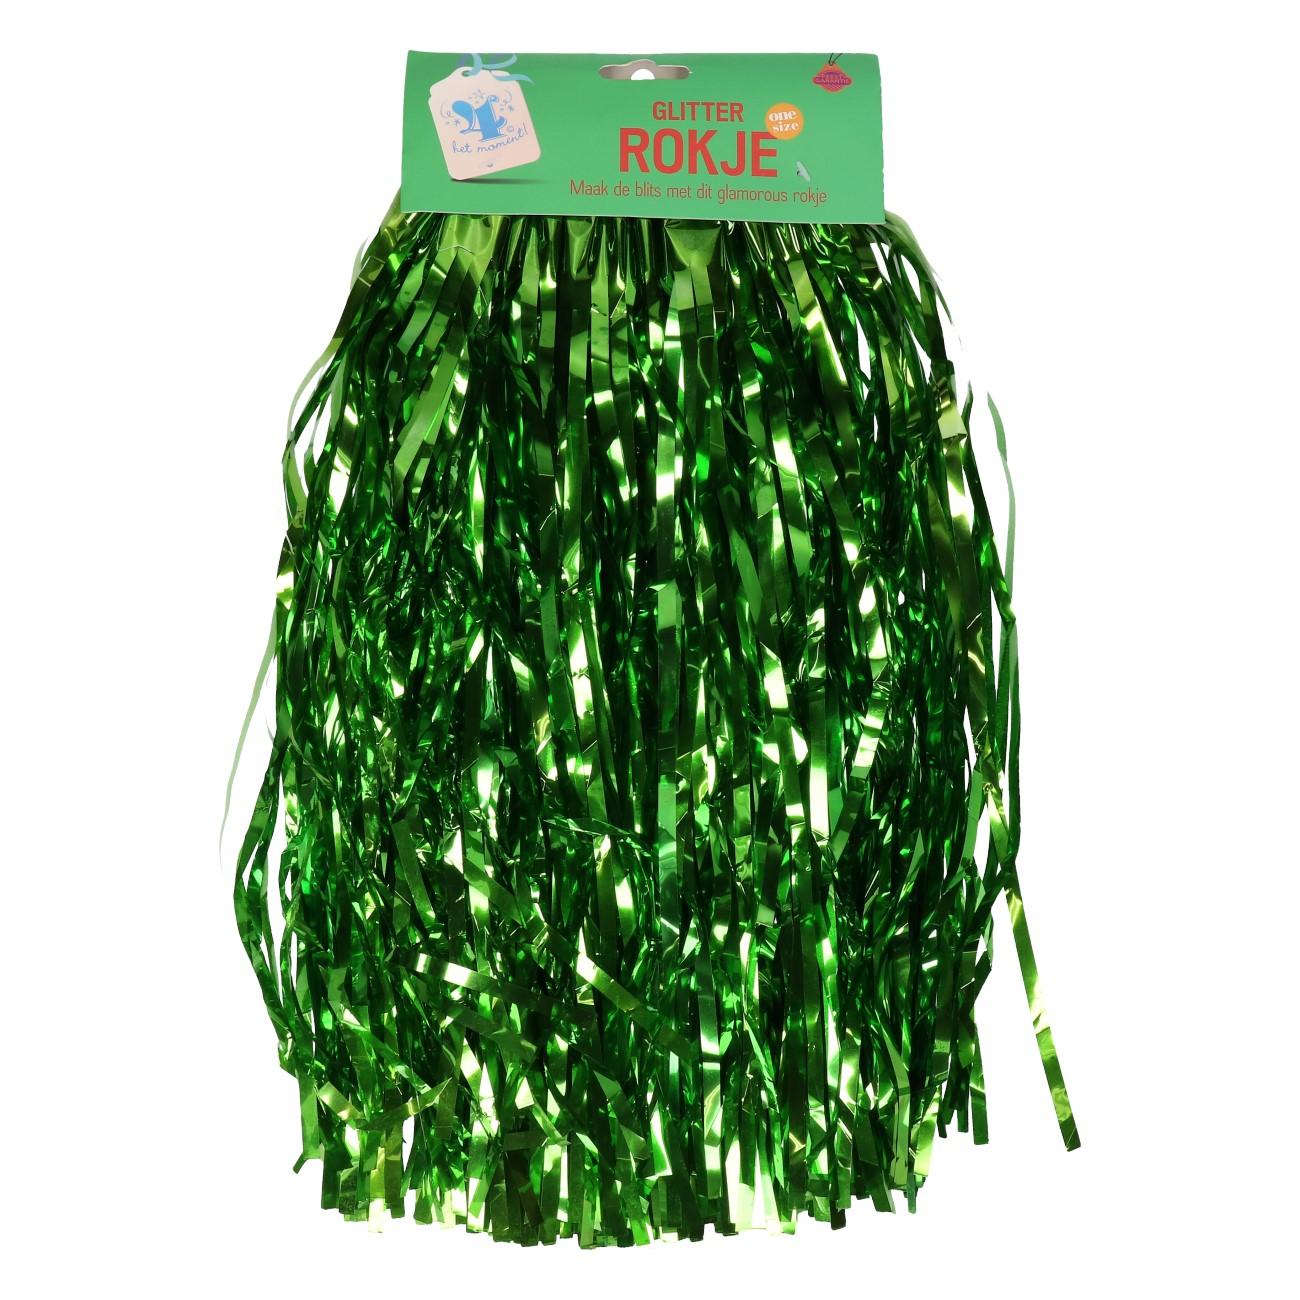 Rokje groen glitter one size